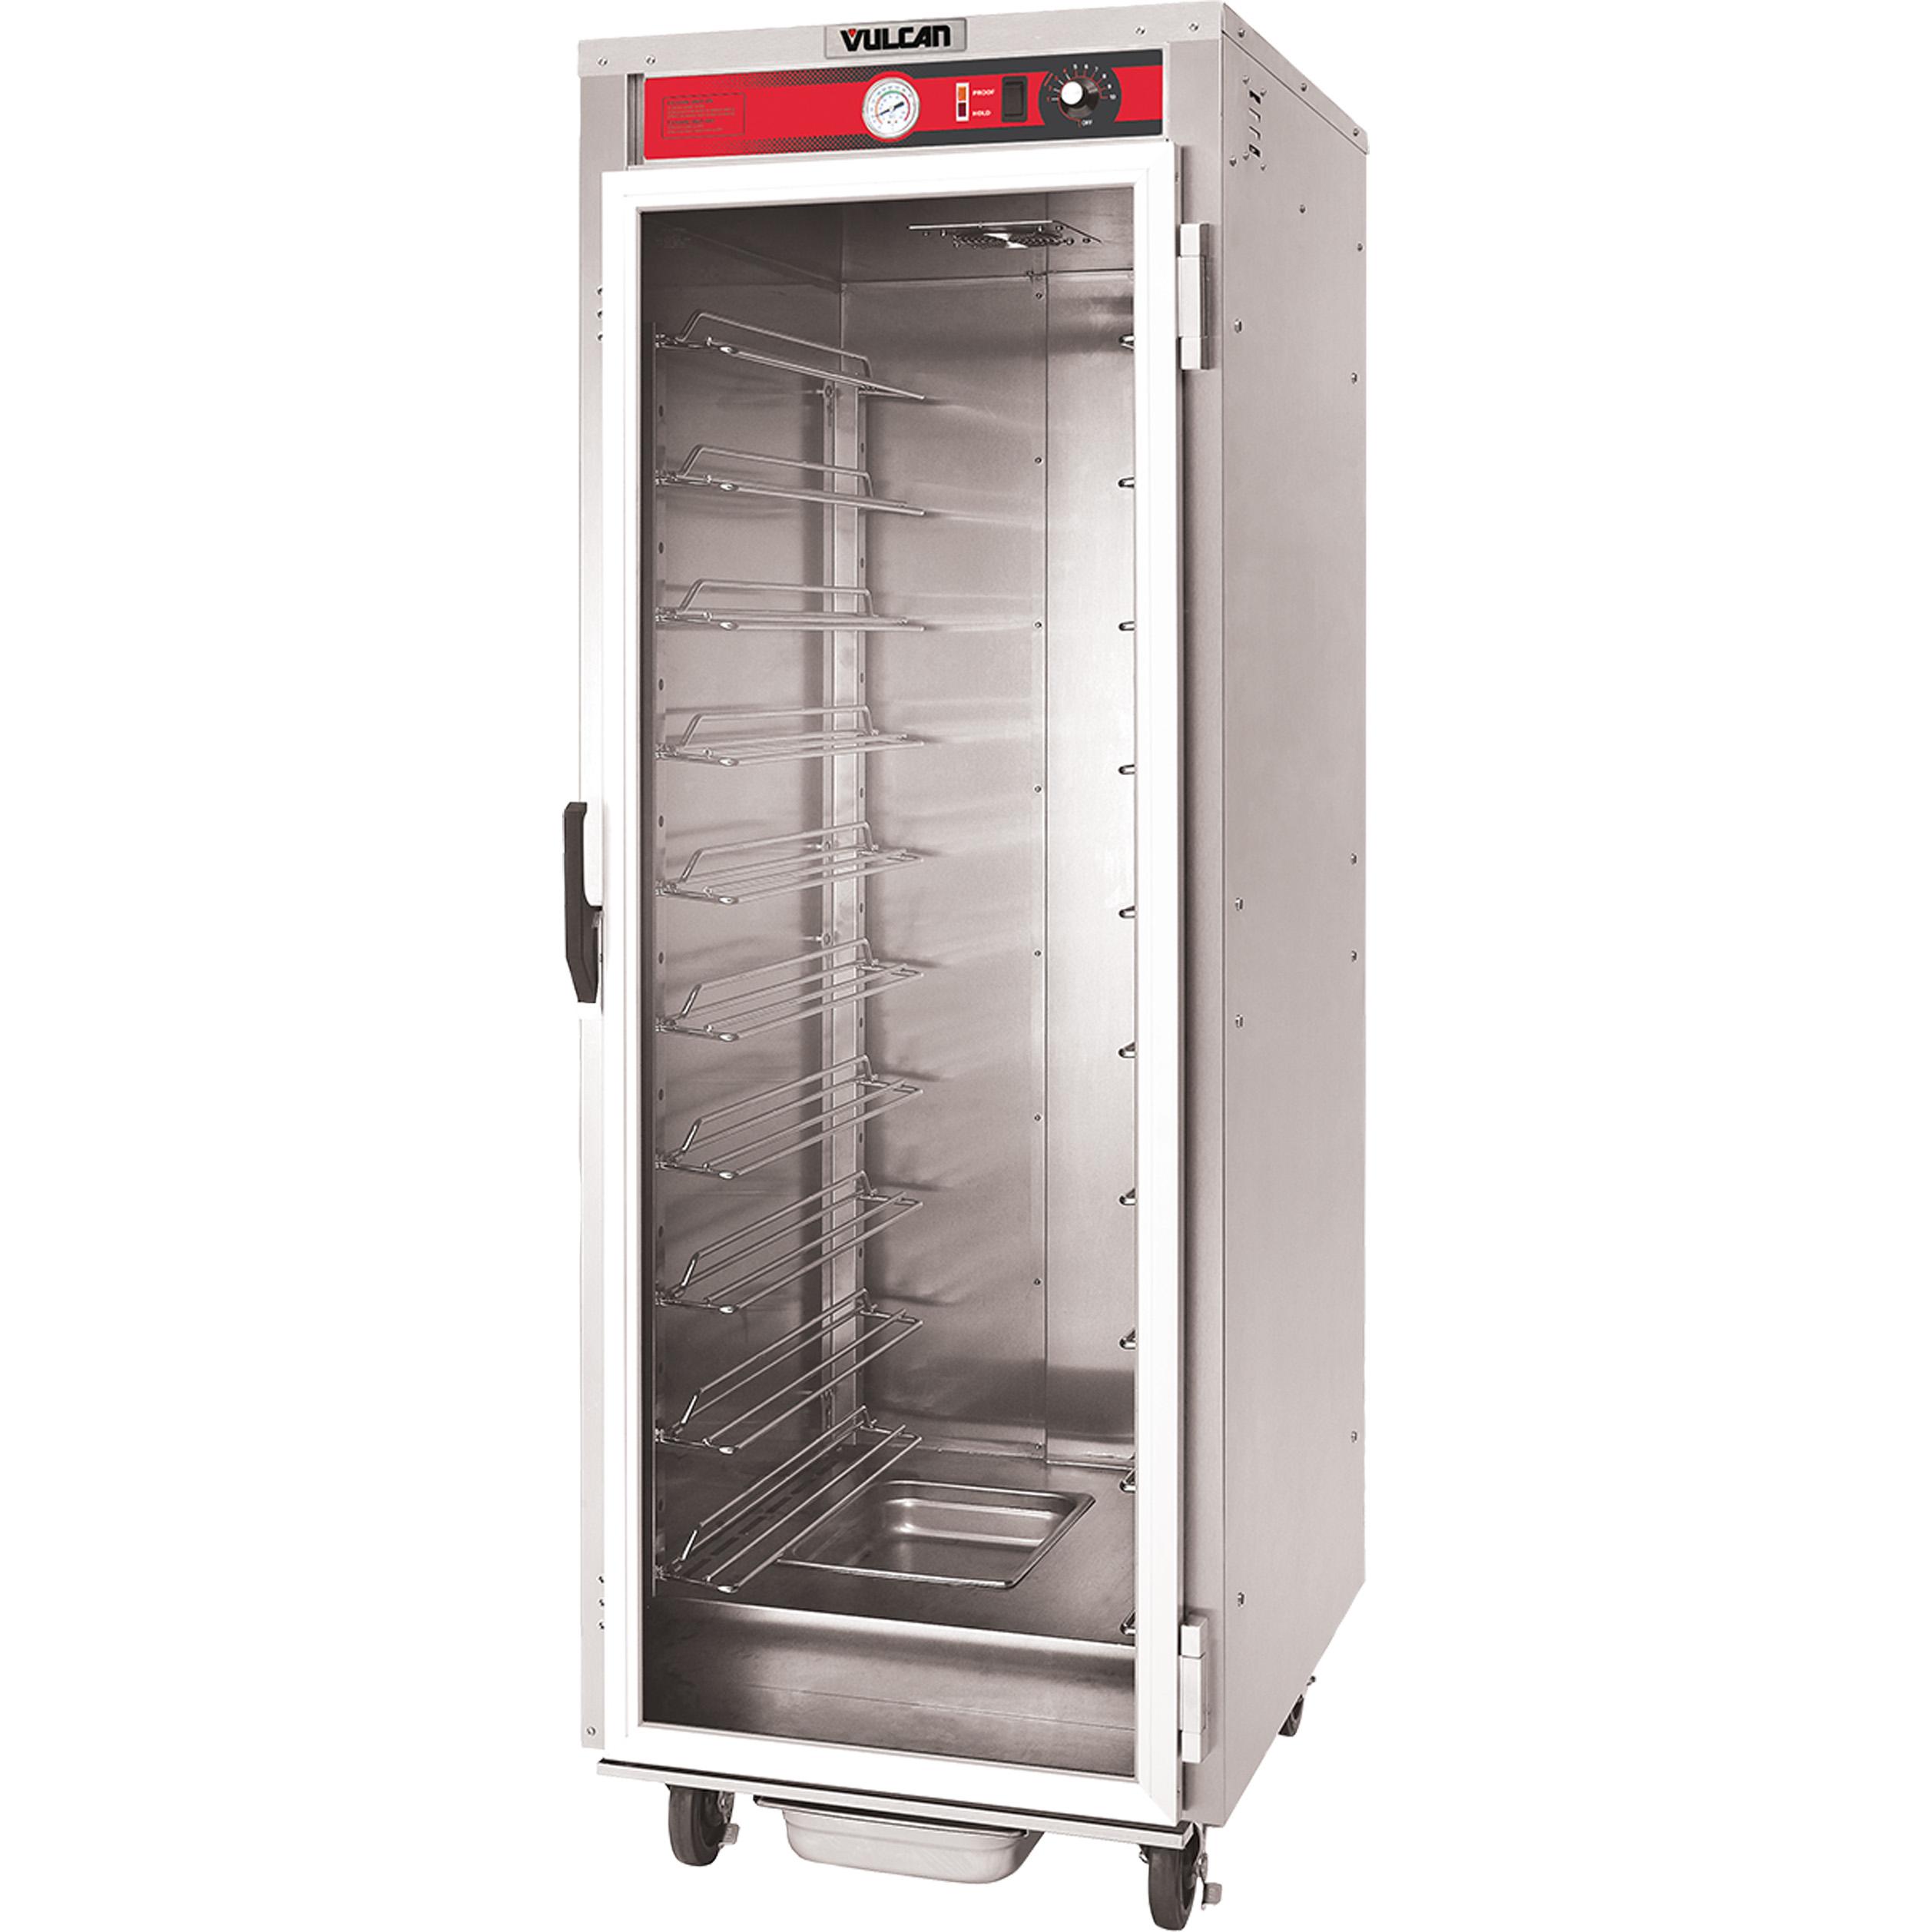 Vulcan VP18-1M3PN proofer cabinet, mobile